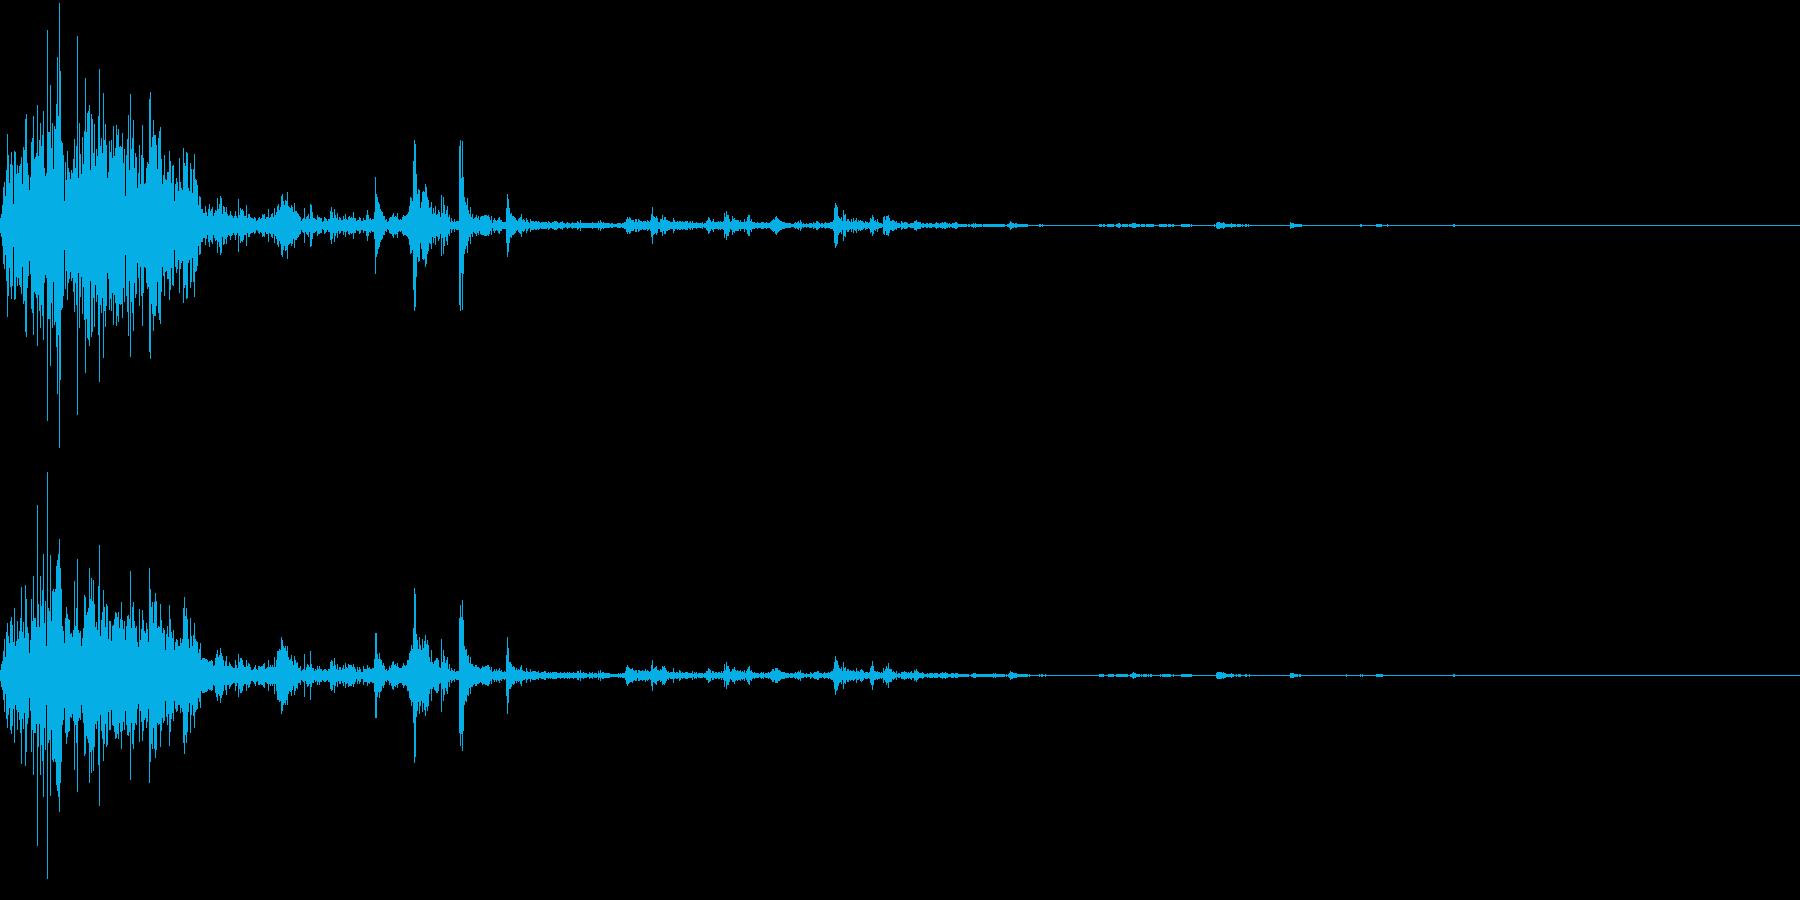 【生録音】ゴミの音 12 踏み潰すの再生済みの波形